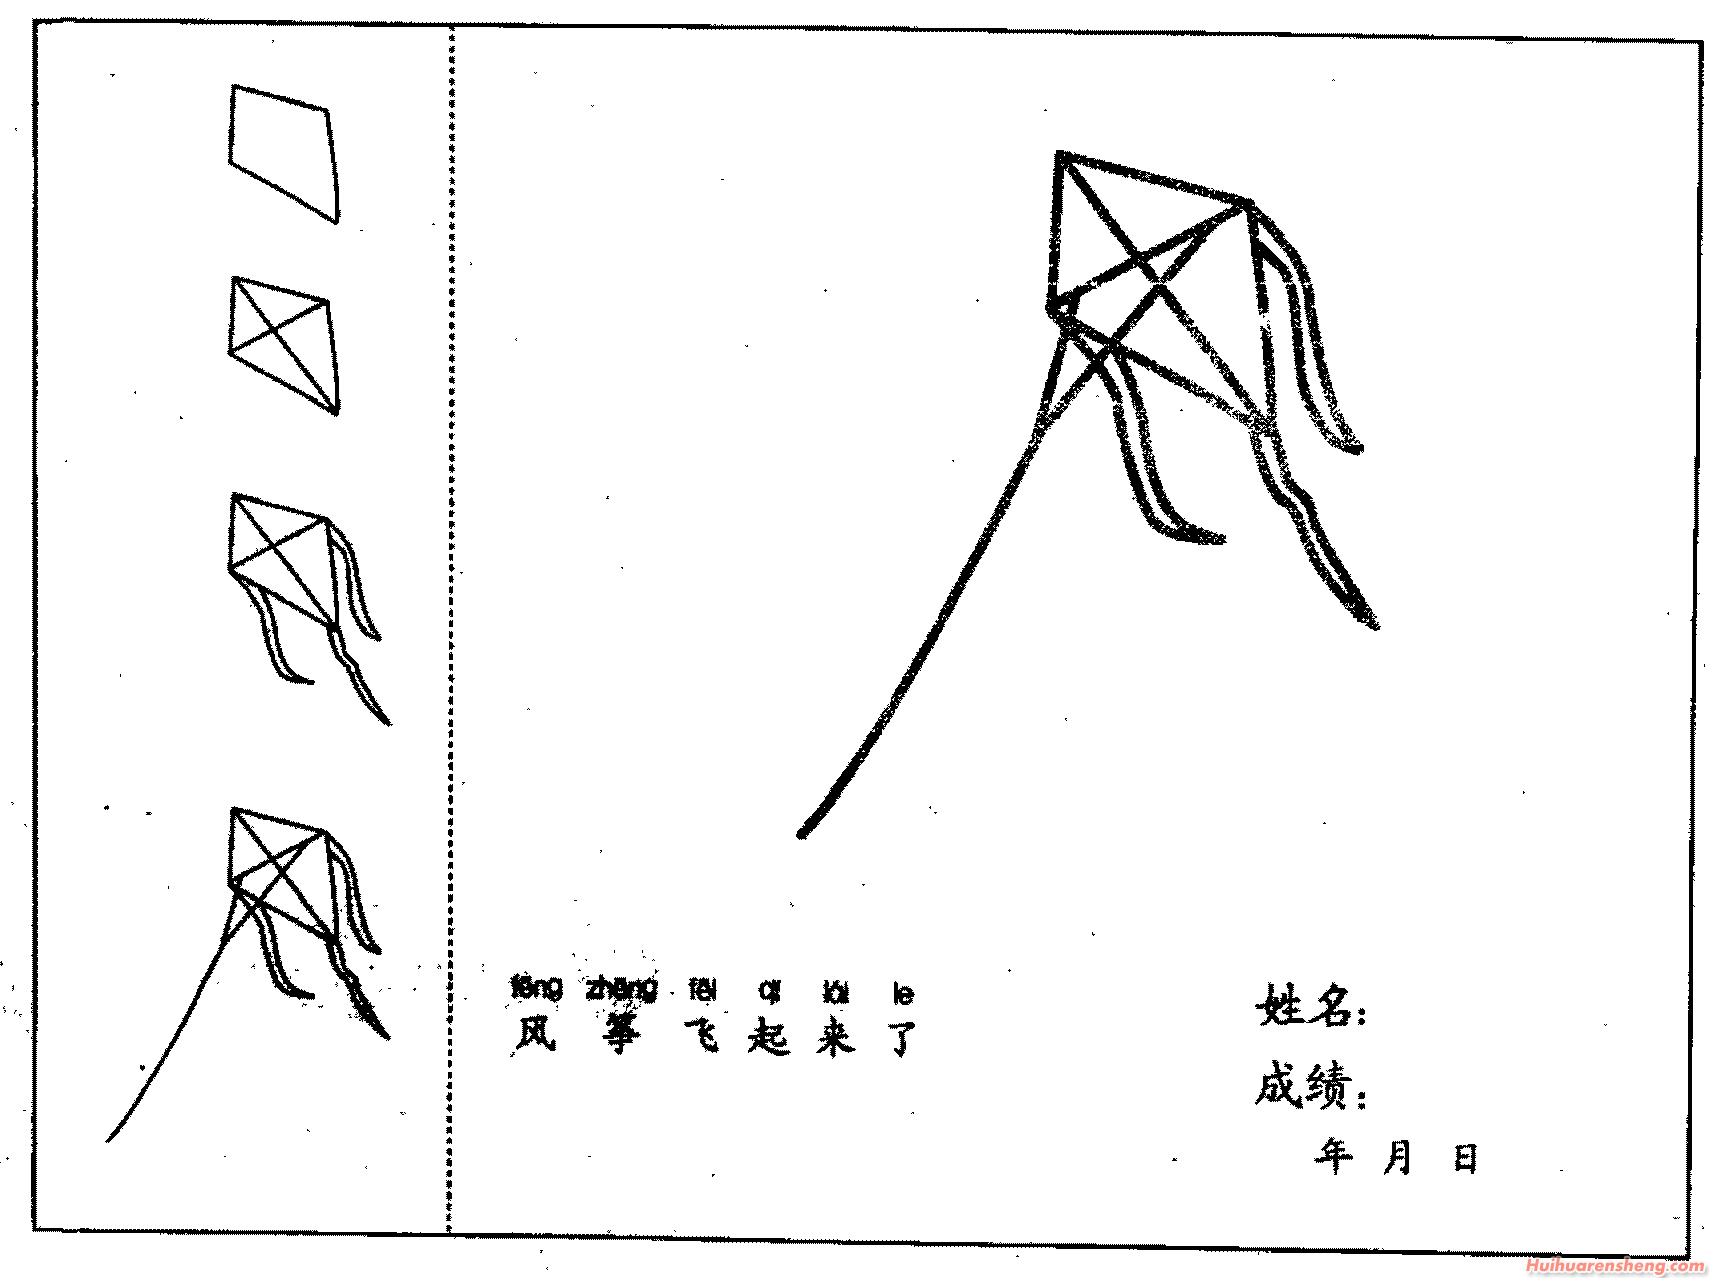 风筝简笔画法分步骤示范